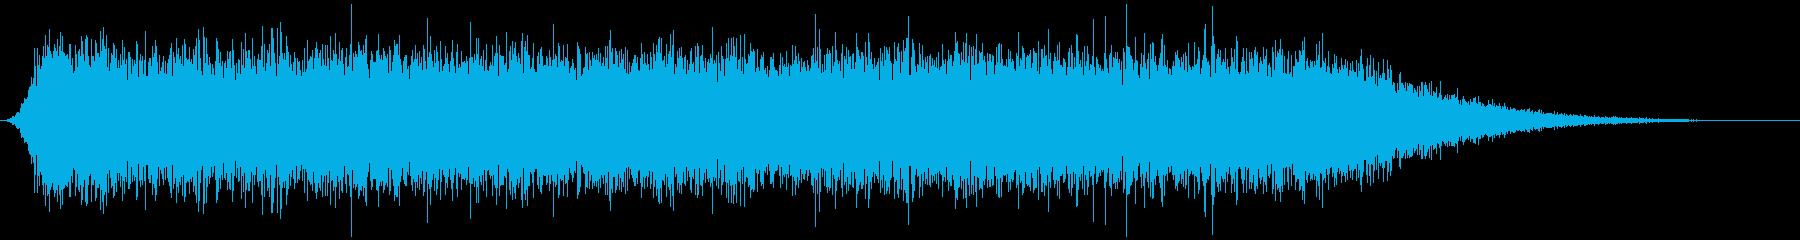 水を流す ジャー…の再生済みの波形